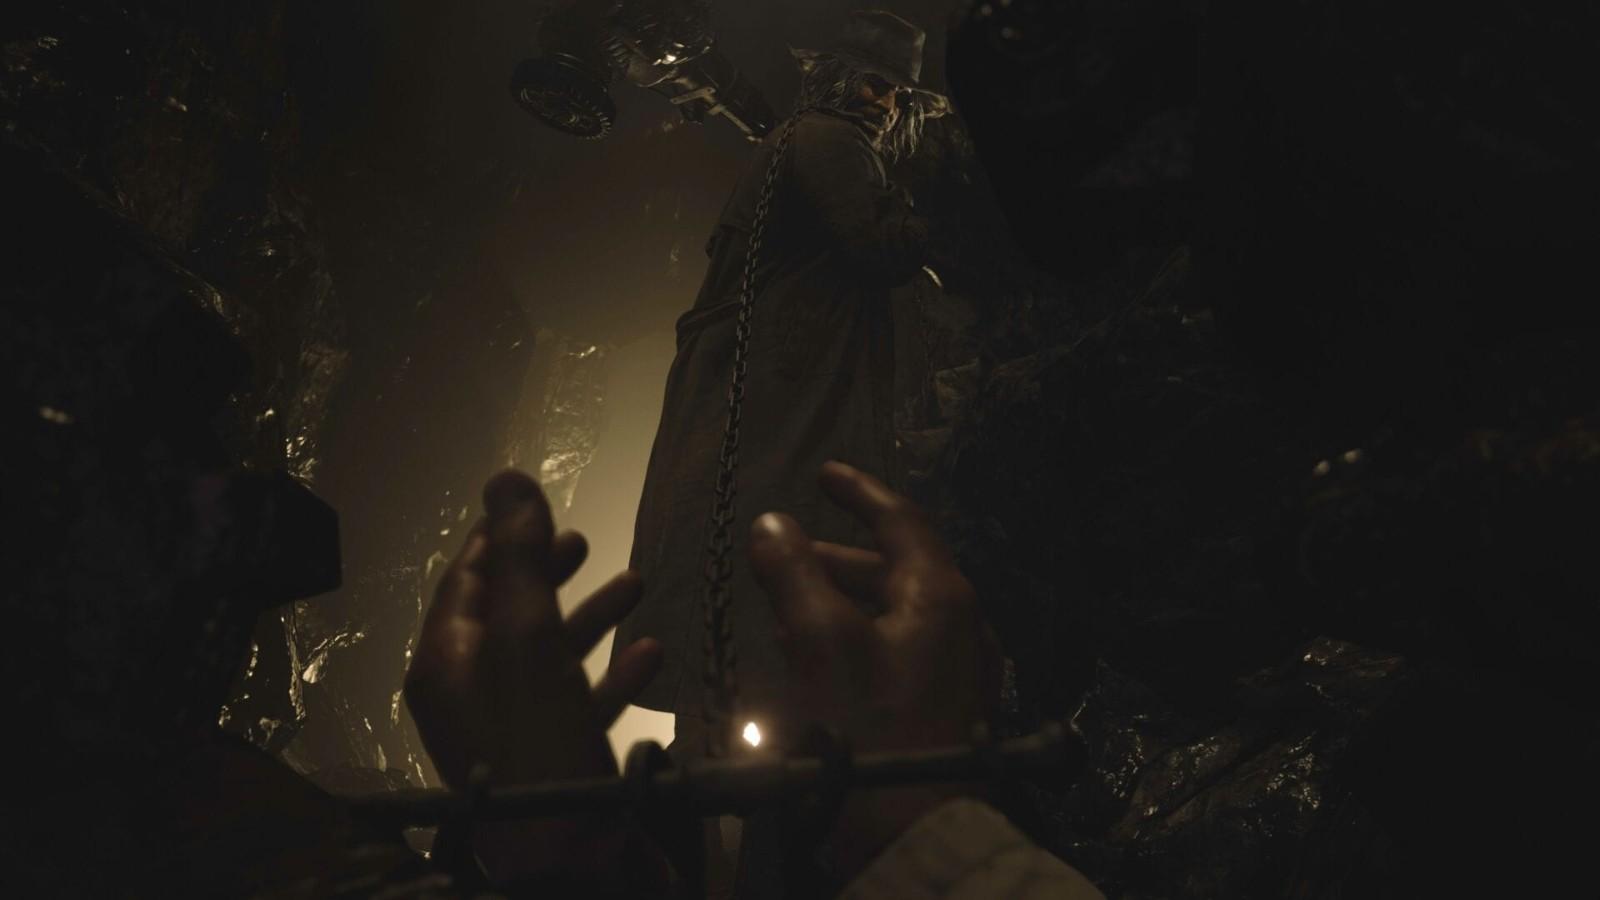 《生化危机8》游戏新截图欣赏 吸血鬼夫人好胸悍!